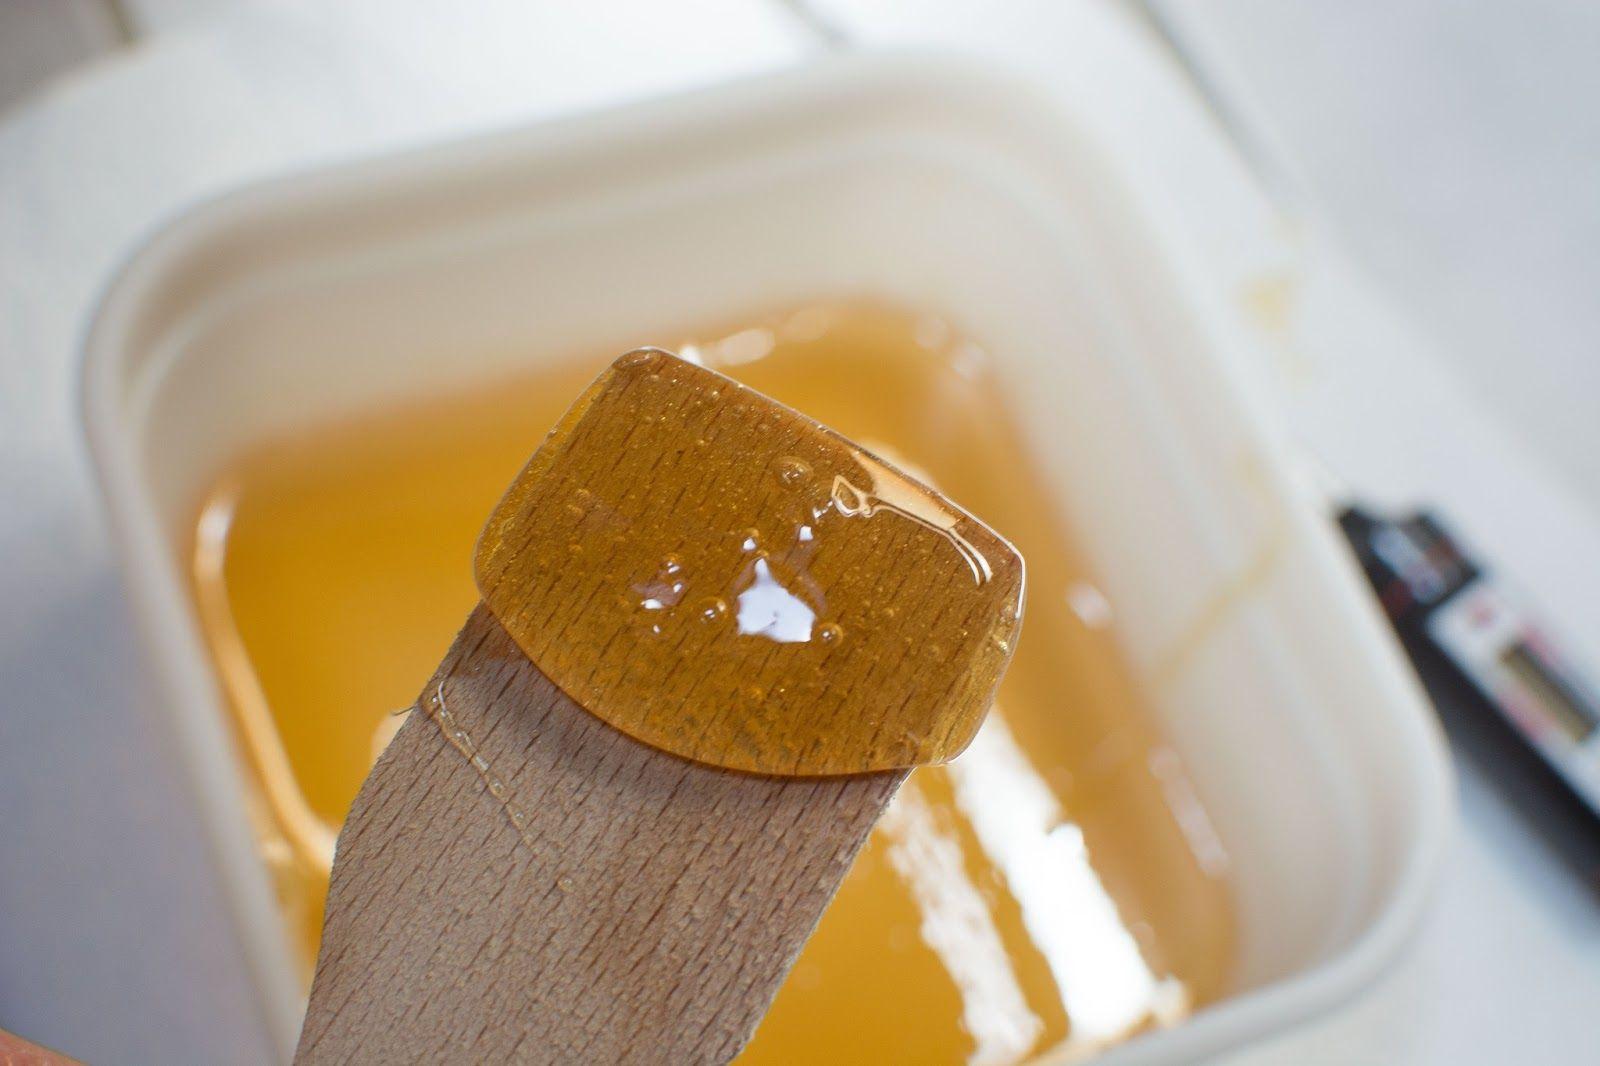 Recette cire au sucre maison : recette, conseils et méthode pour la réussir ! | Cire au sucre ...